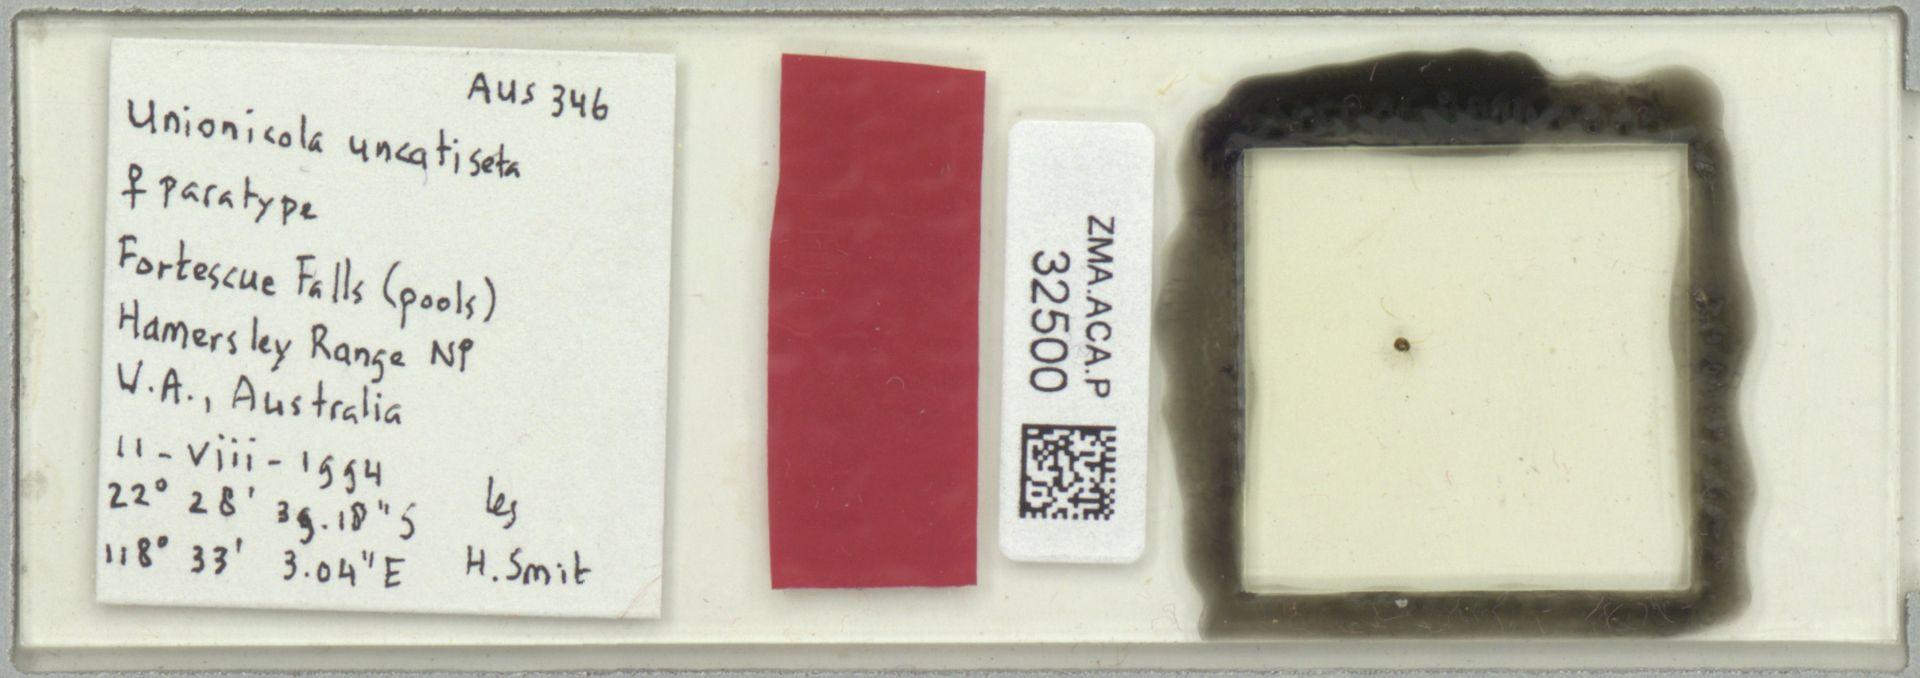 ZMA.ACA.P.32500 | Unionicola uncatiseta Smit, 2008